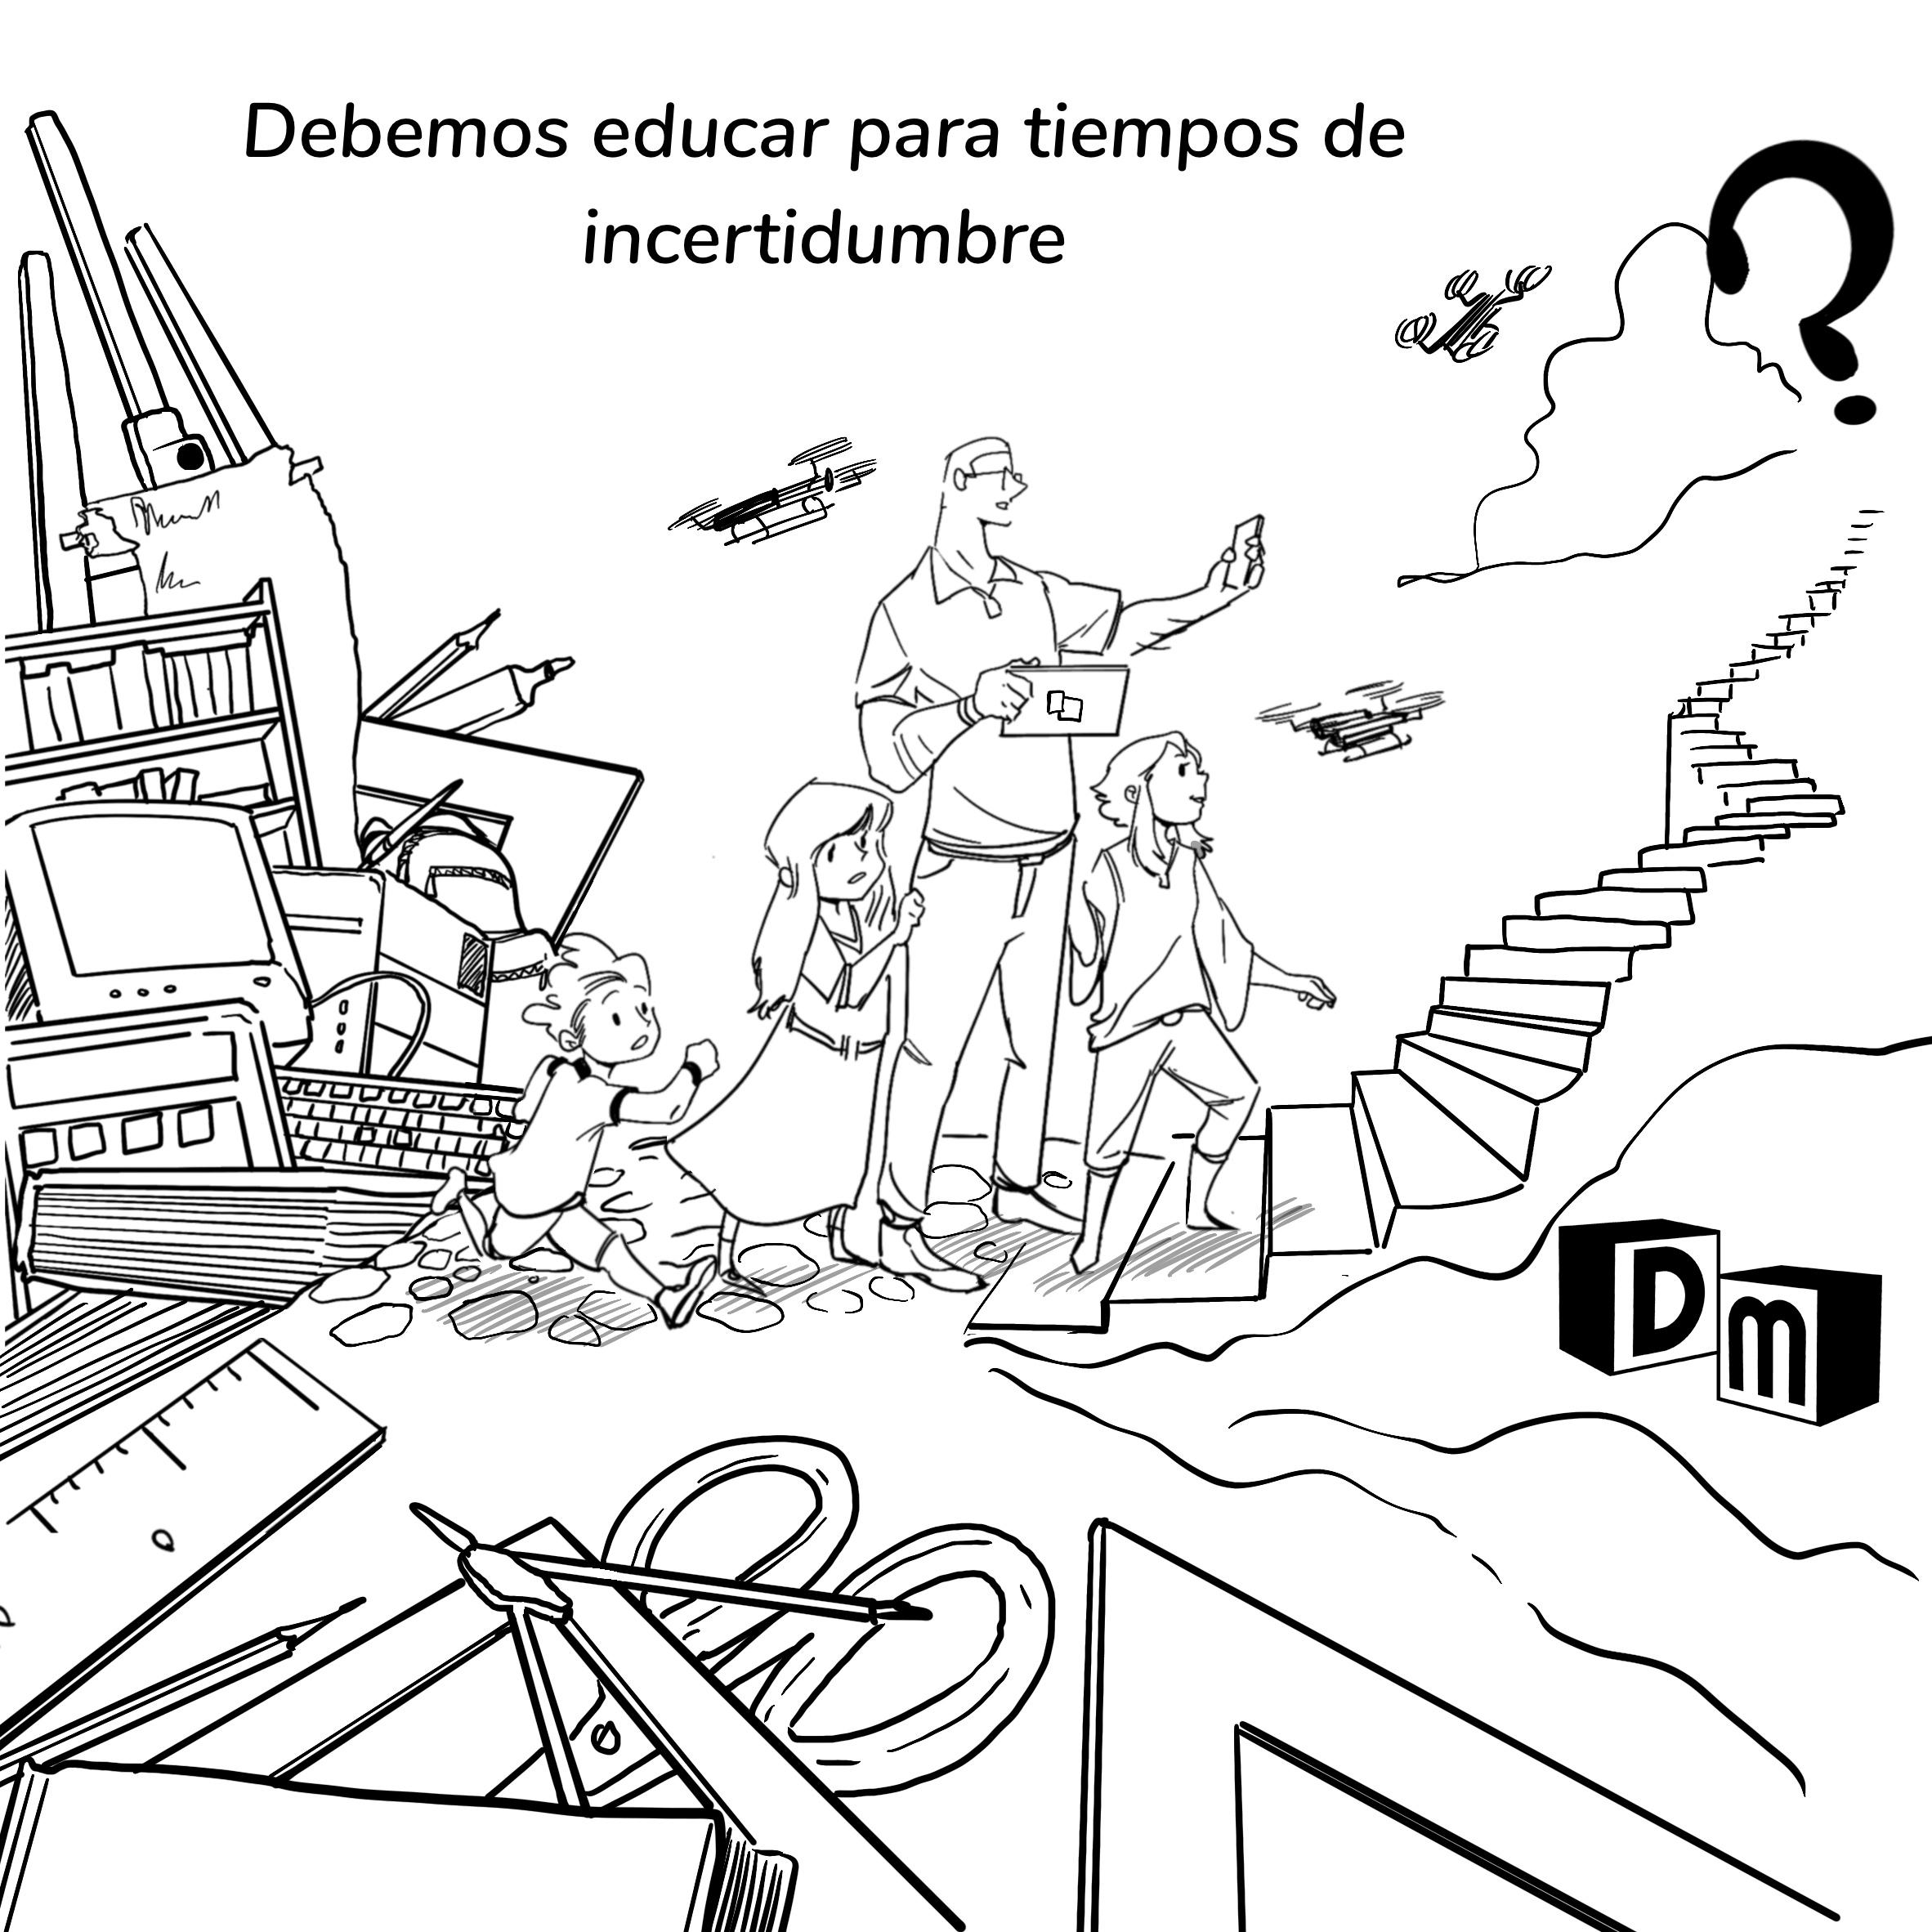 David Mora_Viñeta 2_Debemos educar para tiempos de incertidumbre